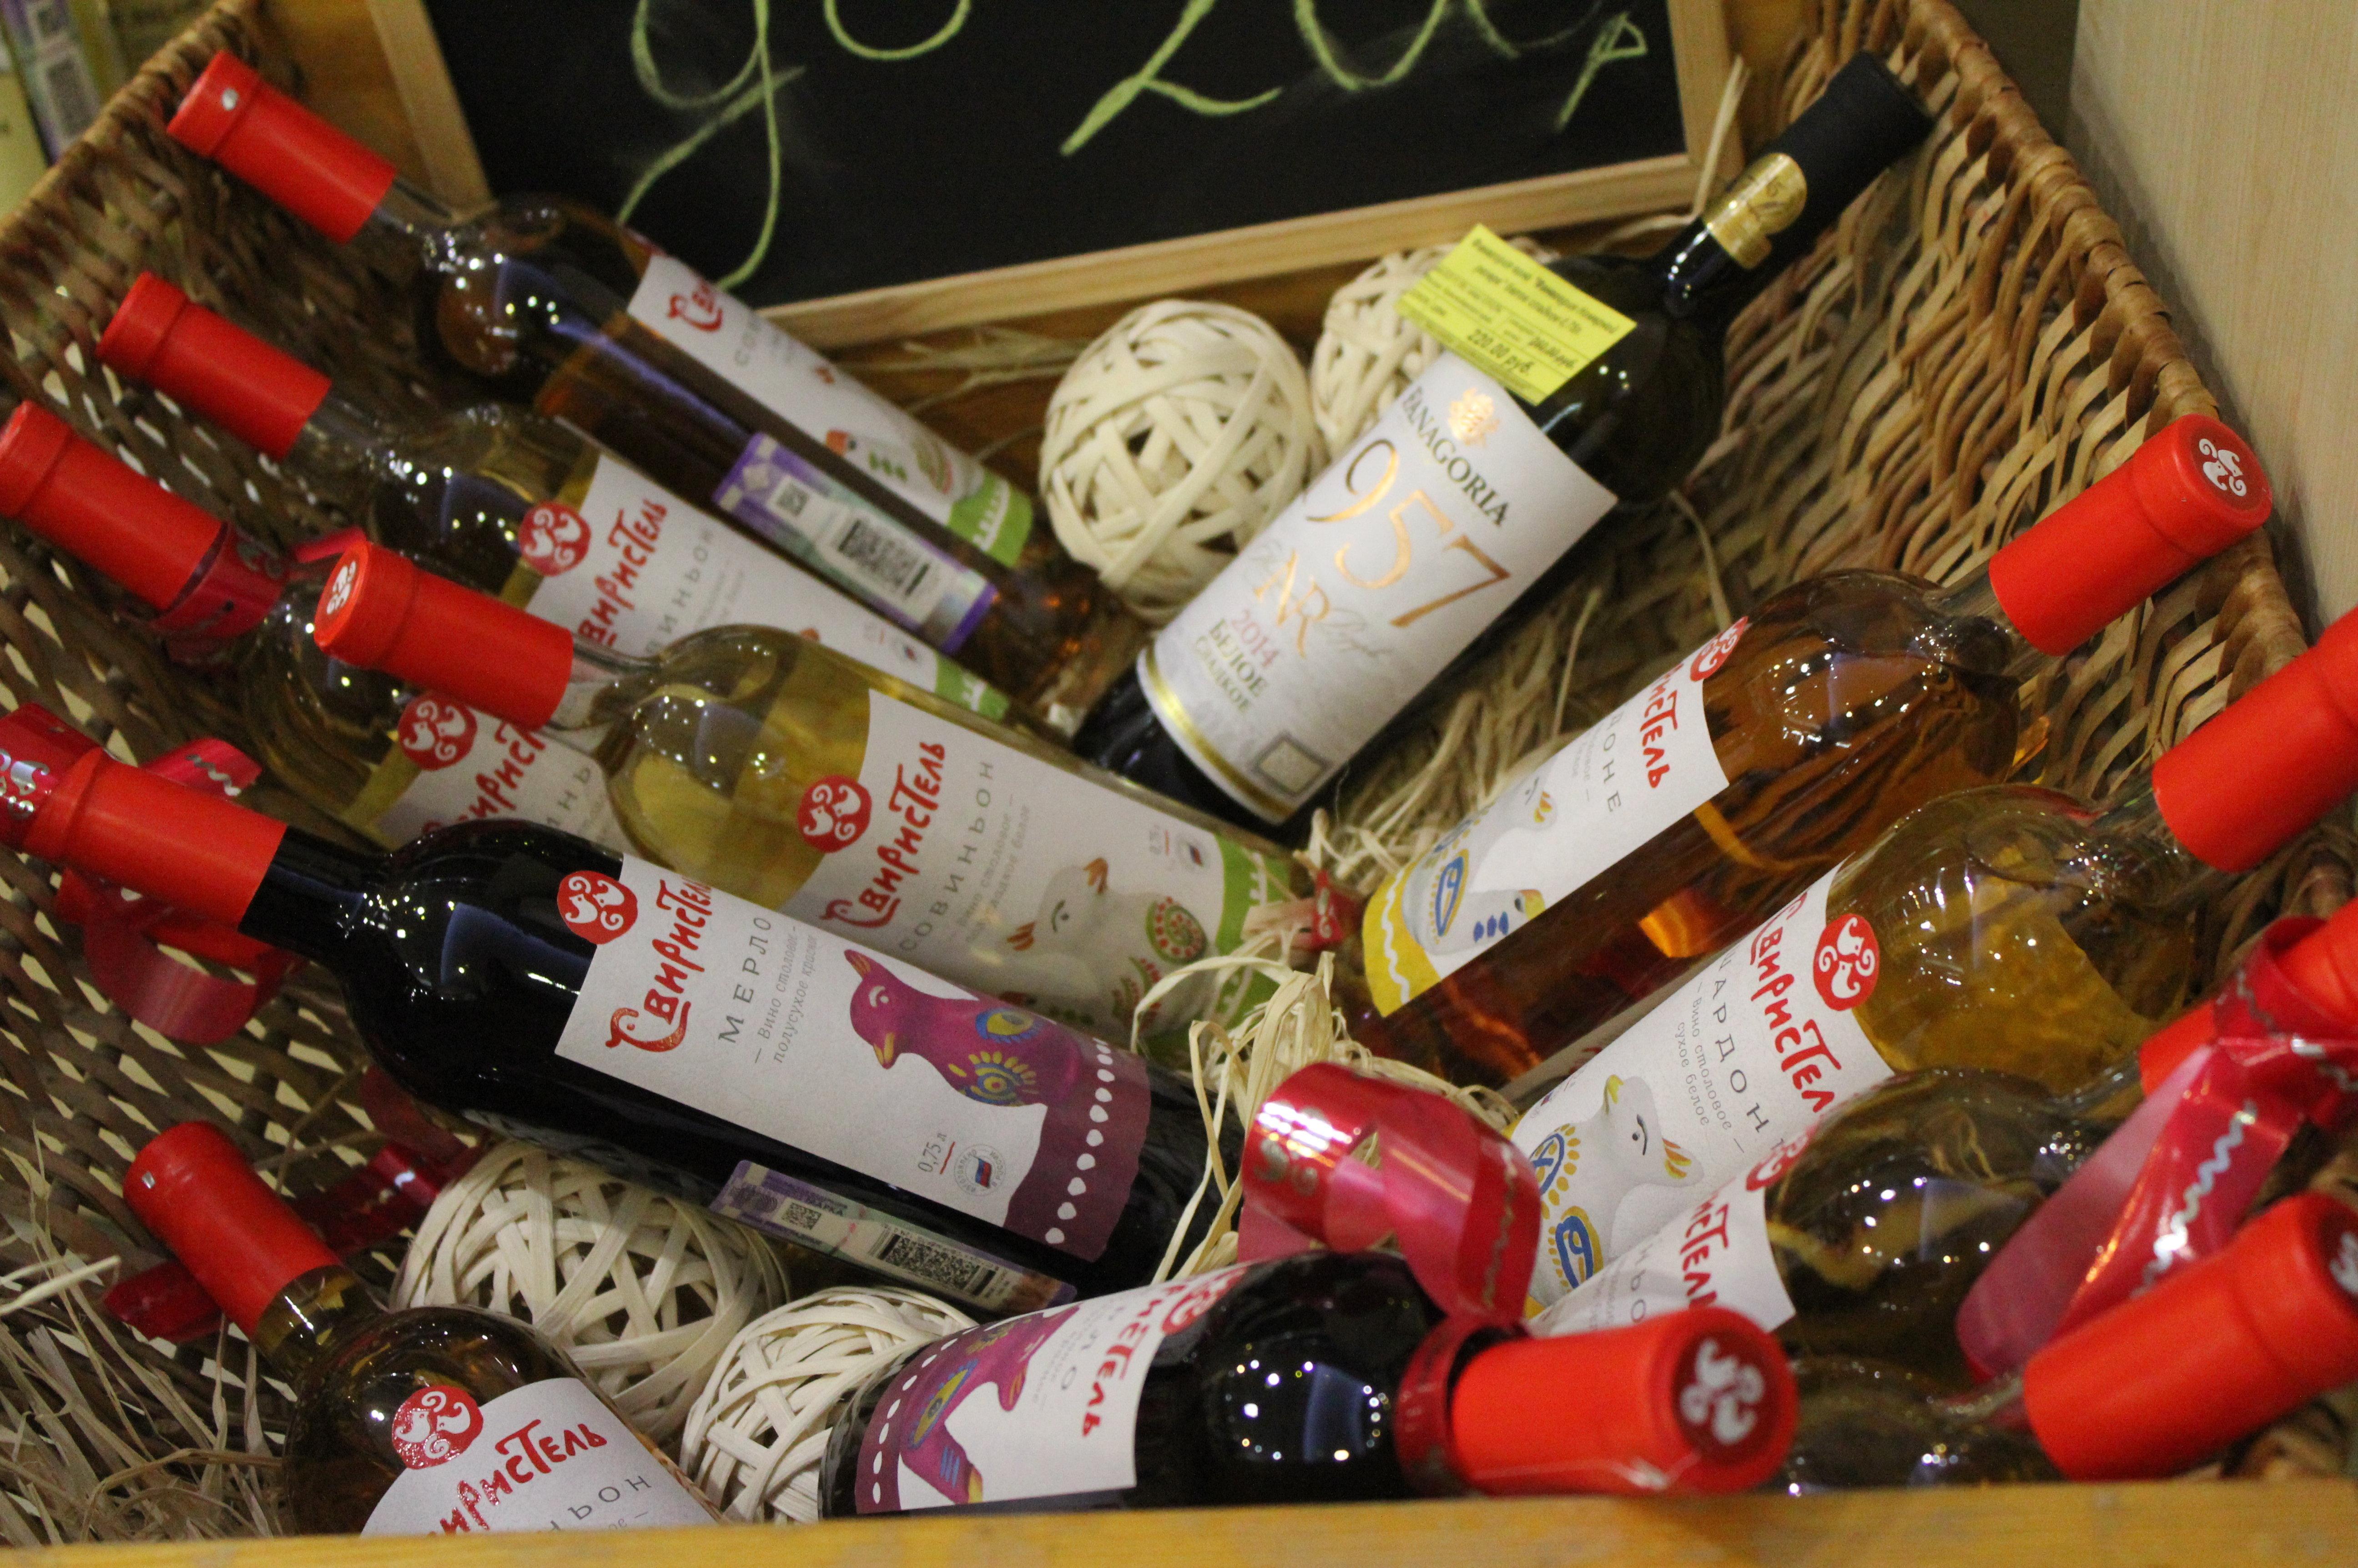 ქართული ღვინის ფესტივალი მოსკოვში